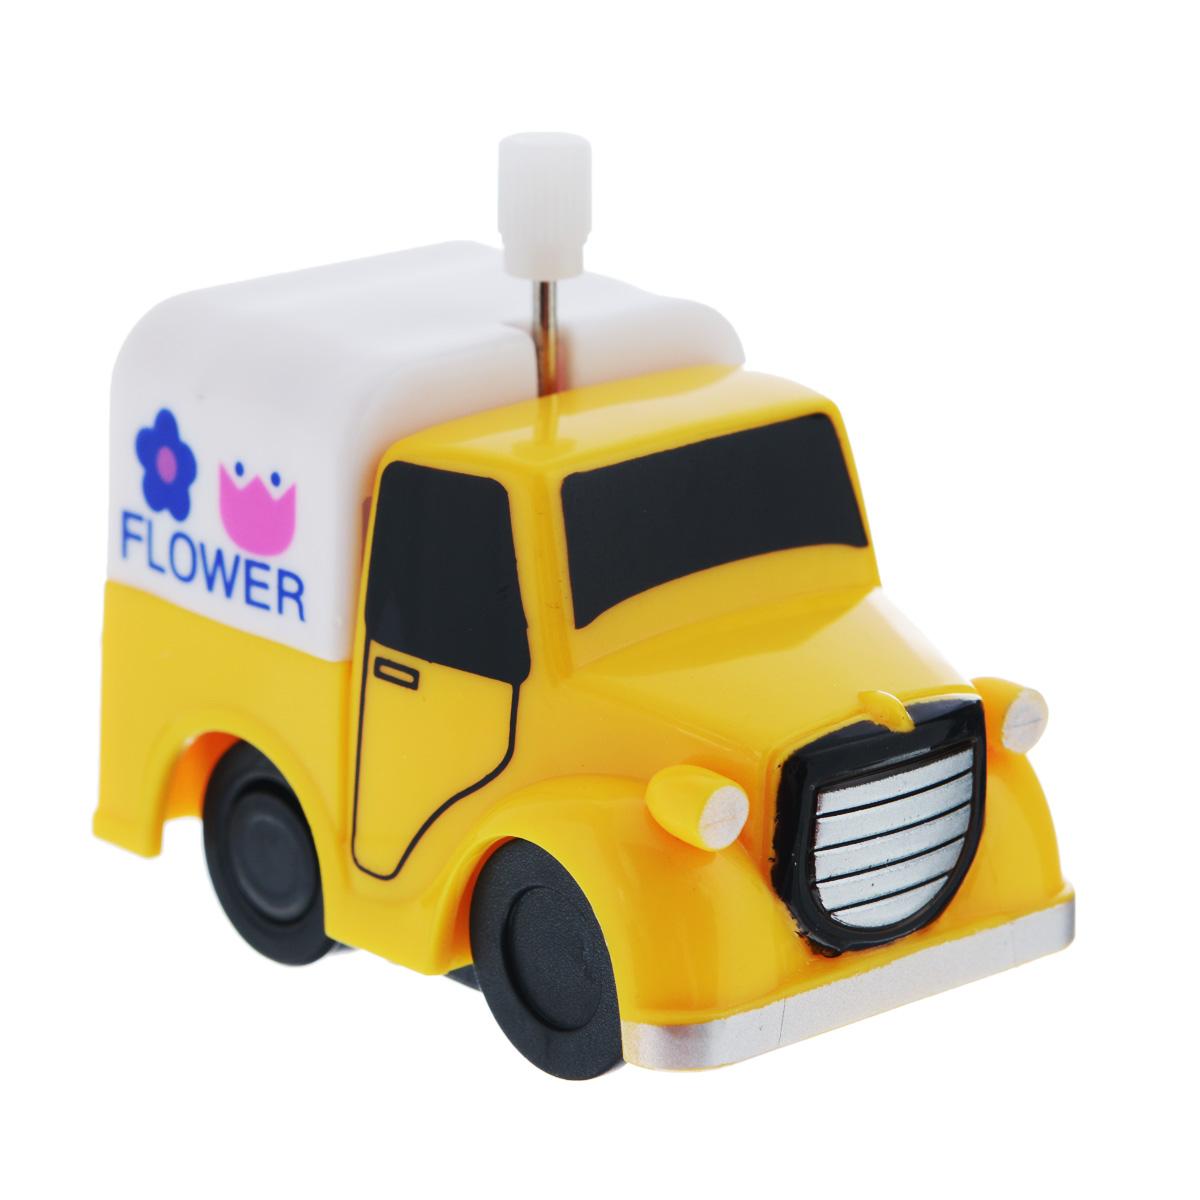 Игрушка заводная Грузовичок Flower2K-012BD_ FlowerИгрушка Hans Грузовичок Flower привлечет внимание вашего малыша и не позволит ему скучать! Выполненная из безопасного пластика, игрушка представляет собой грузовичок. Игрушка имеет механический завод. Для запуска, придерживая колеса, поверните заводной ключ по часовой стрелке до упора. Установите игрушку на поверхность и она поедет вперед. Заводная игрушка Hans Грузовичок Flower поможет ребенку в развитии воображения, мелкой моторики рук, концентрации внимания и цветового восприятия.